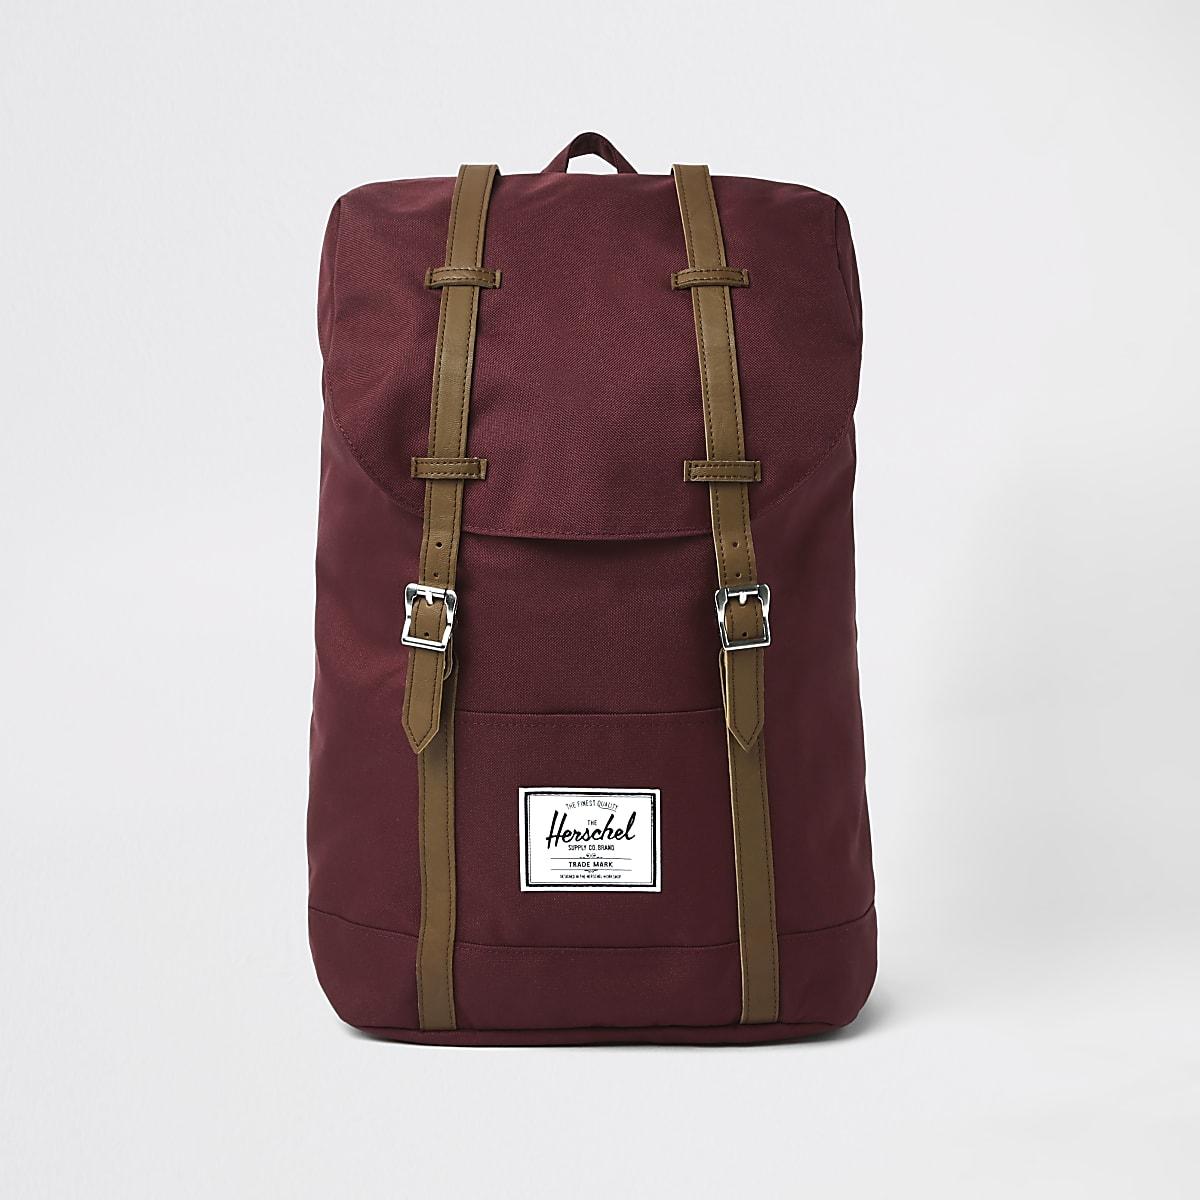 Herschel red retreat backpack